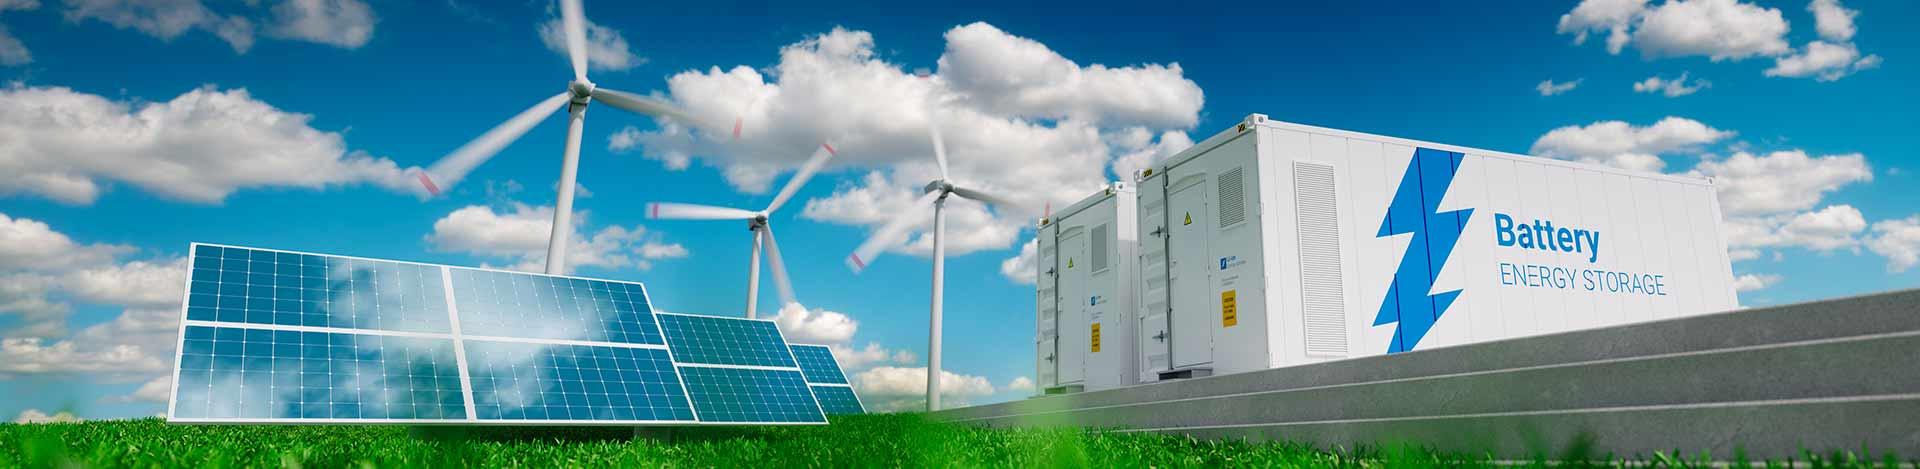 Le potentiel de la flexibilité énergétique et du stockage de l'énergie